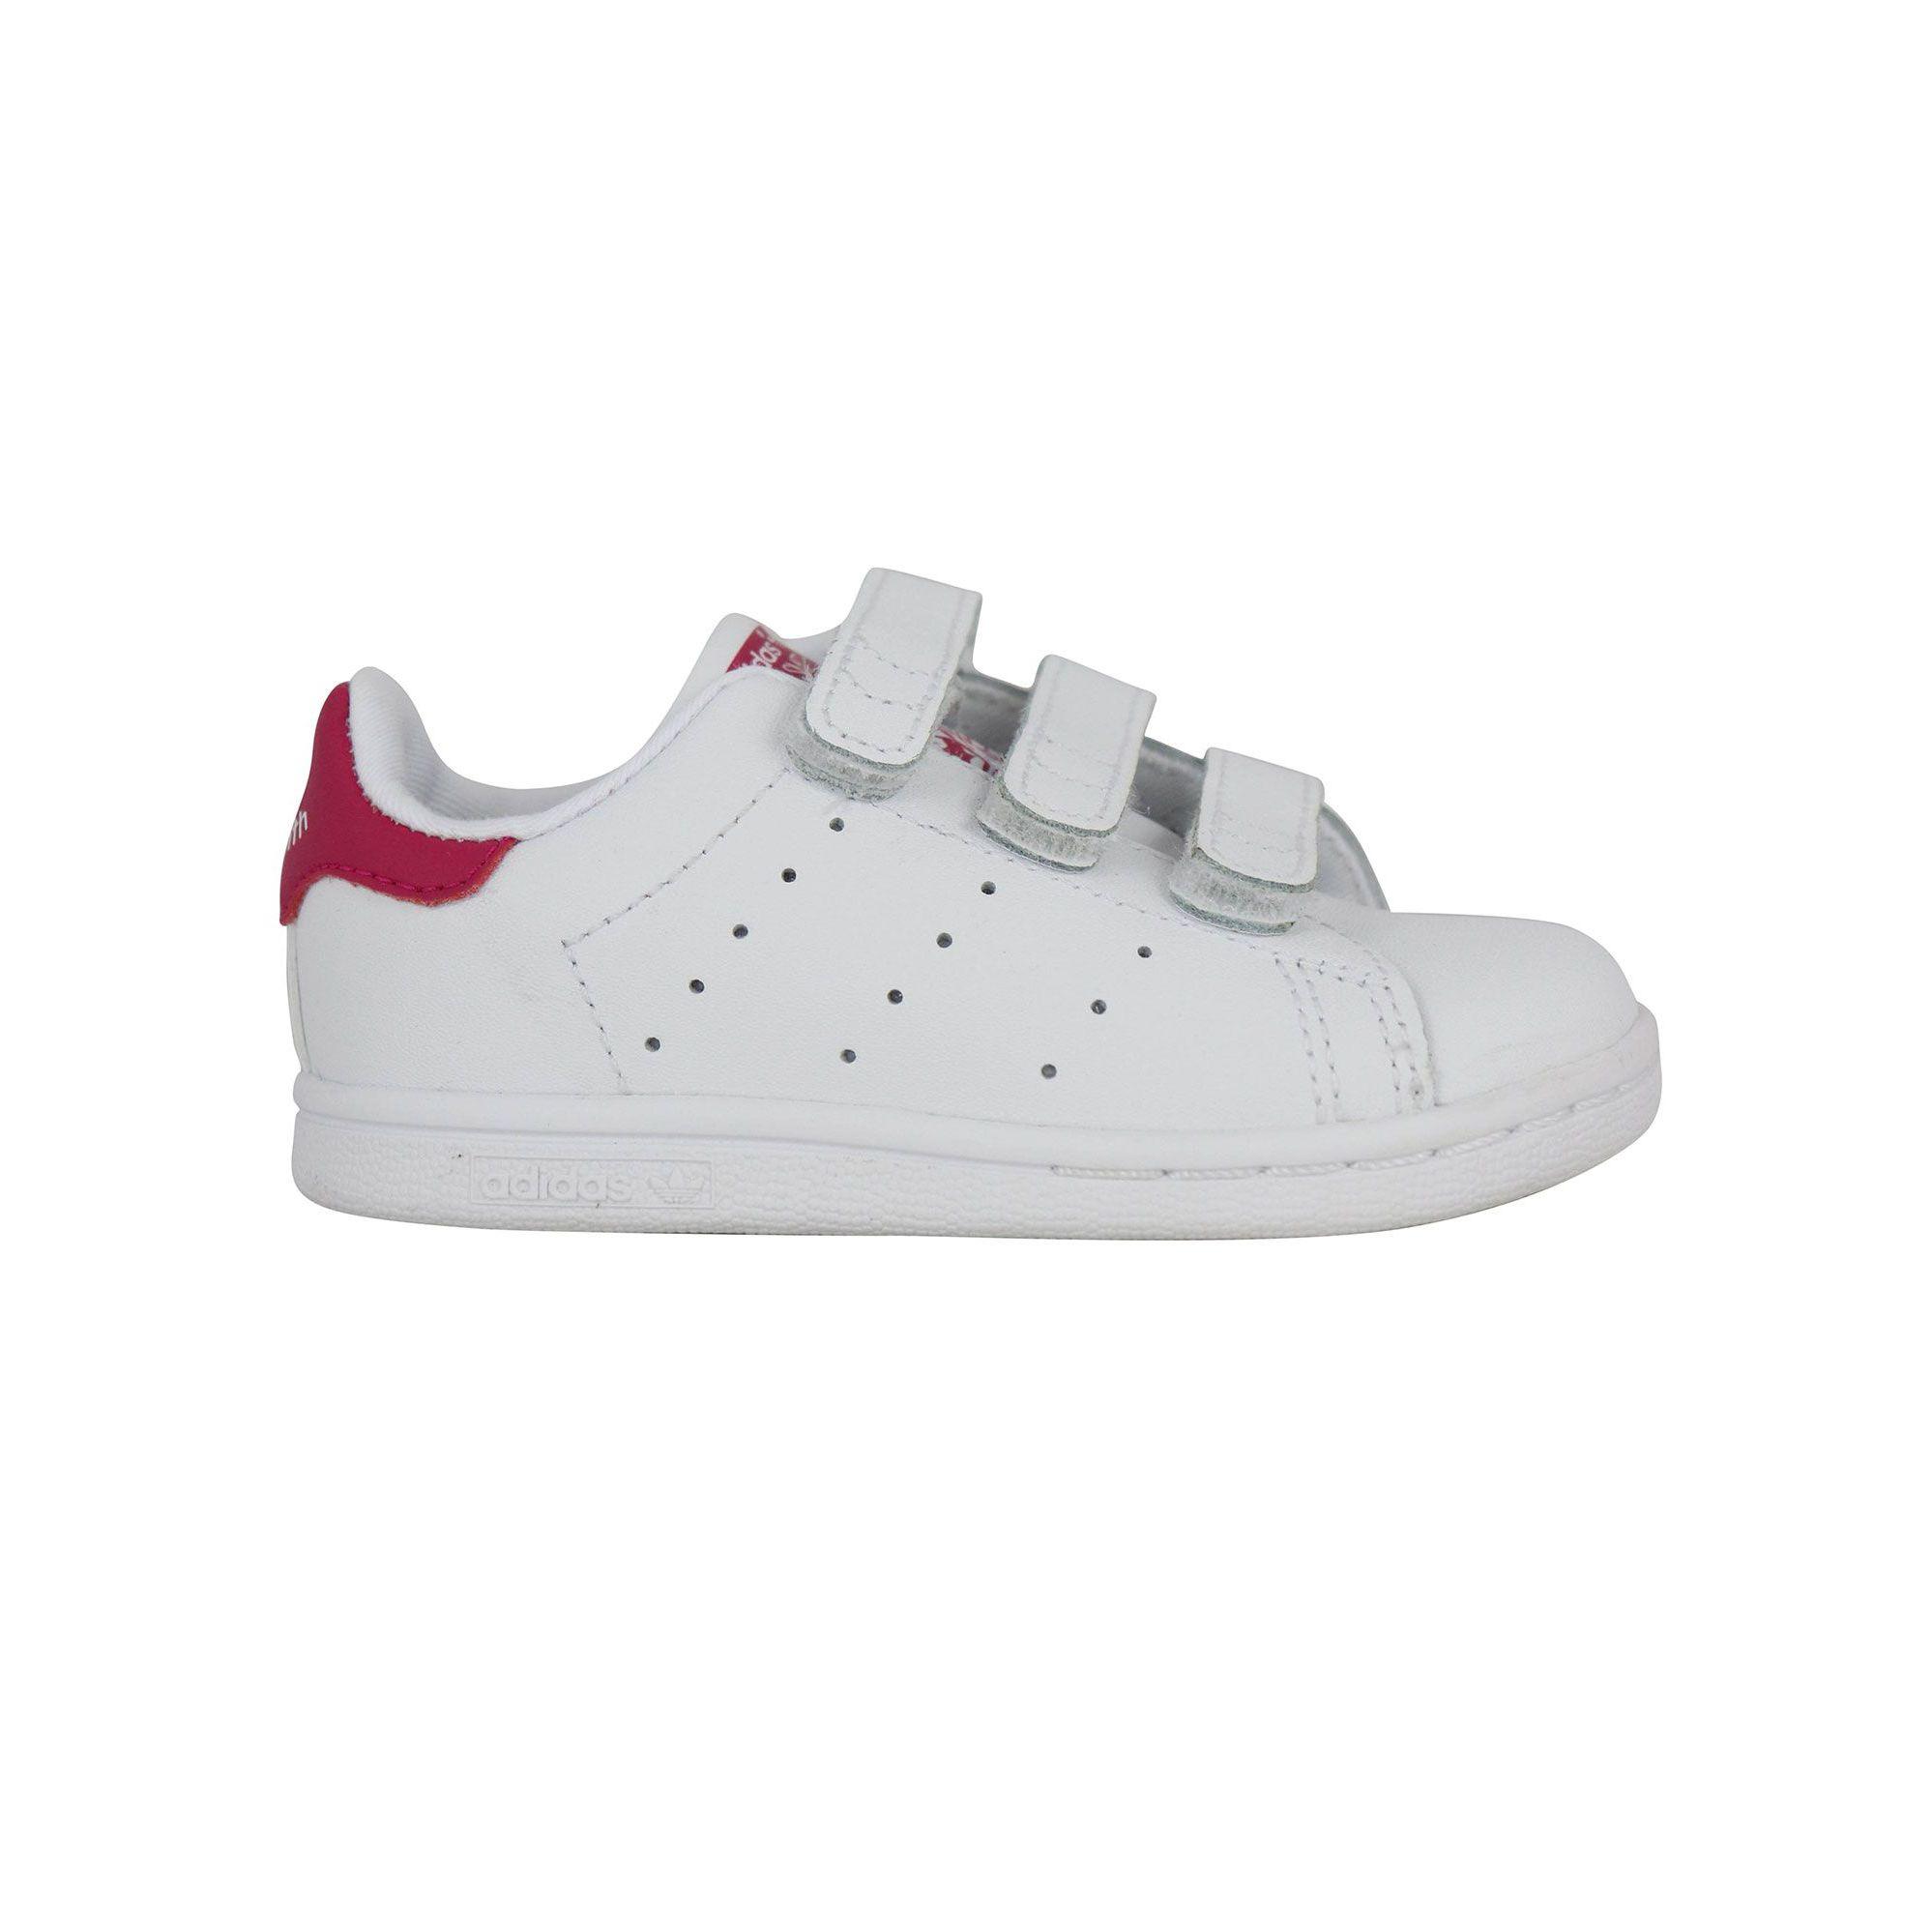 una grande varietà di modelli anteprima di consegna gratuita Sneakers BZ0523 STAN SMITH Bianco/fuxia, Adidas bz0523 stan smith ...